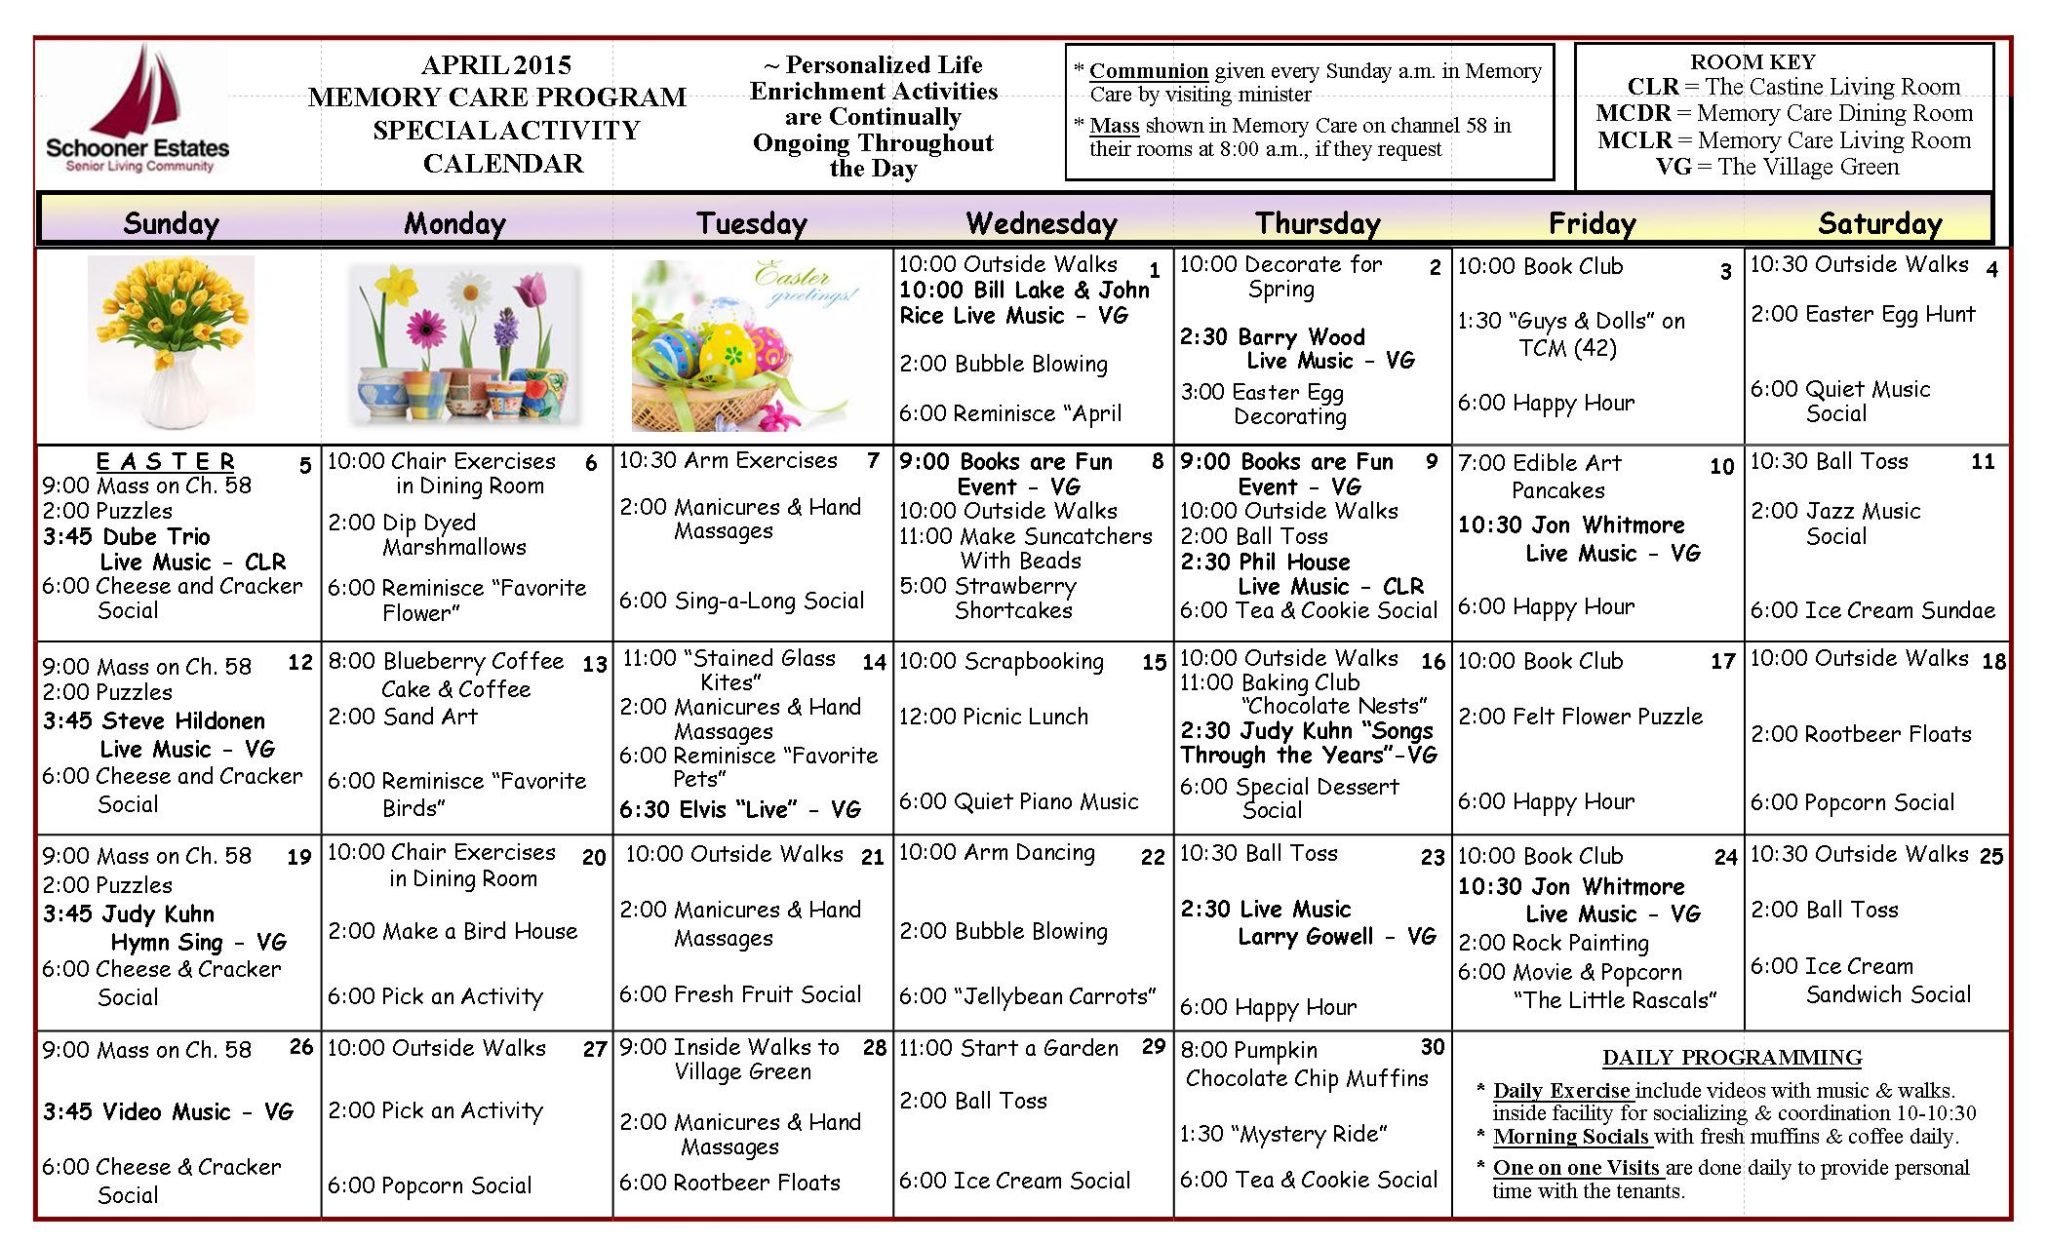 Memory Care Calendar April 2015